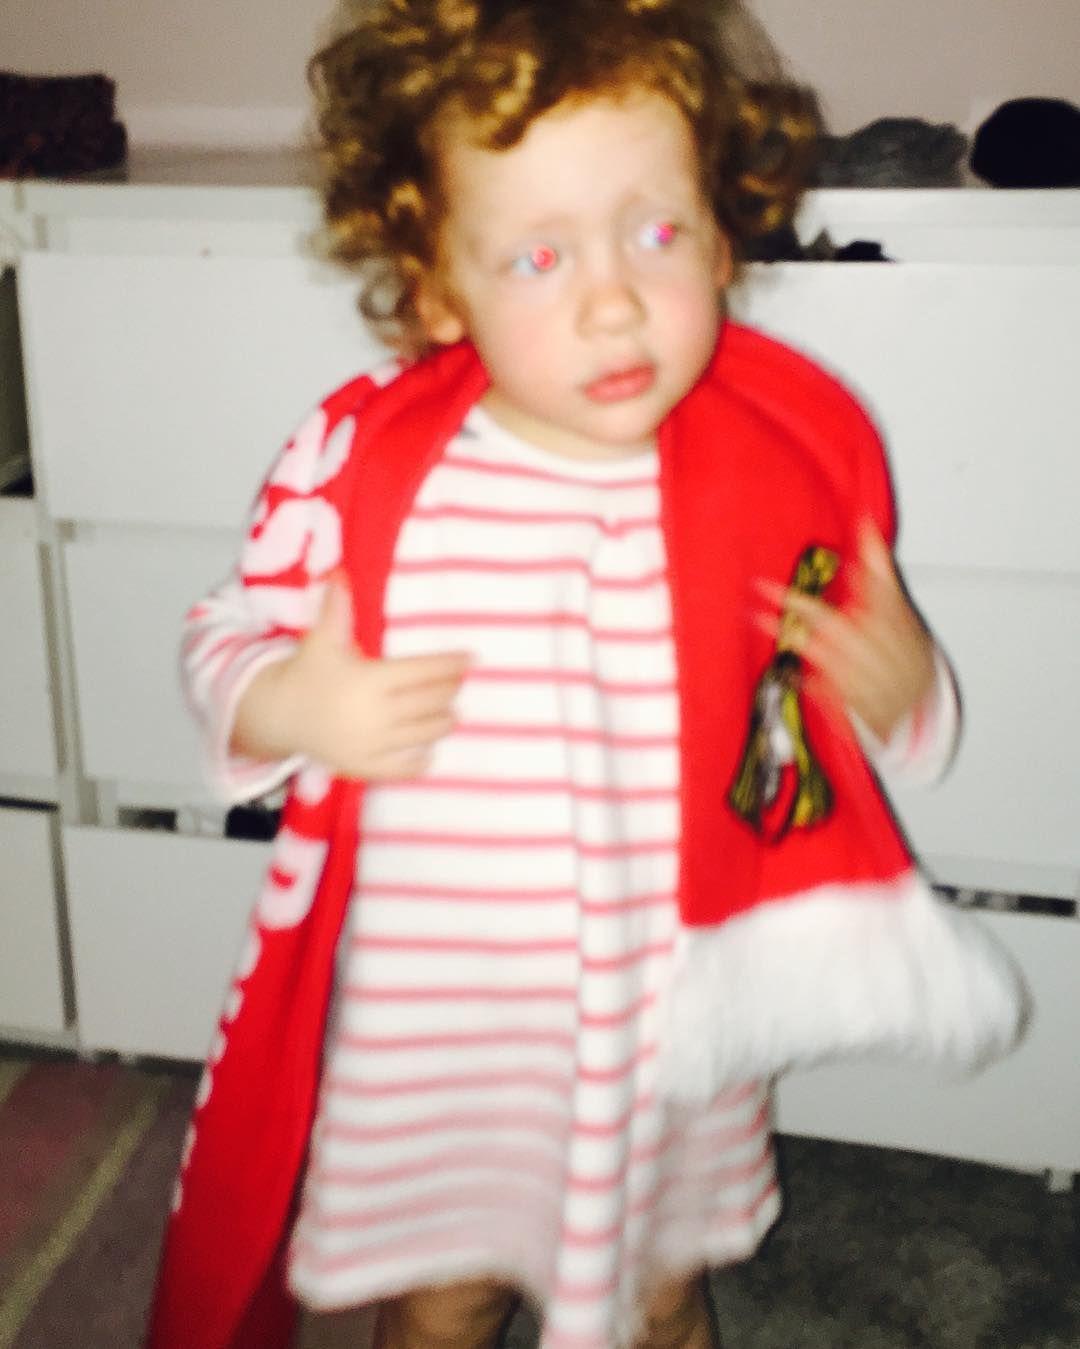 Redhead pajama grams